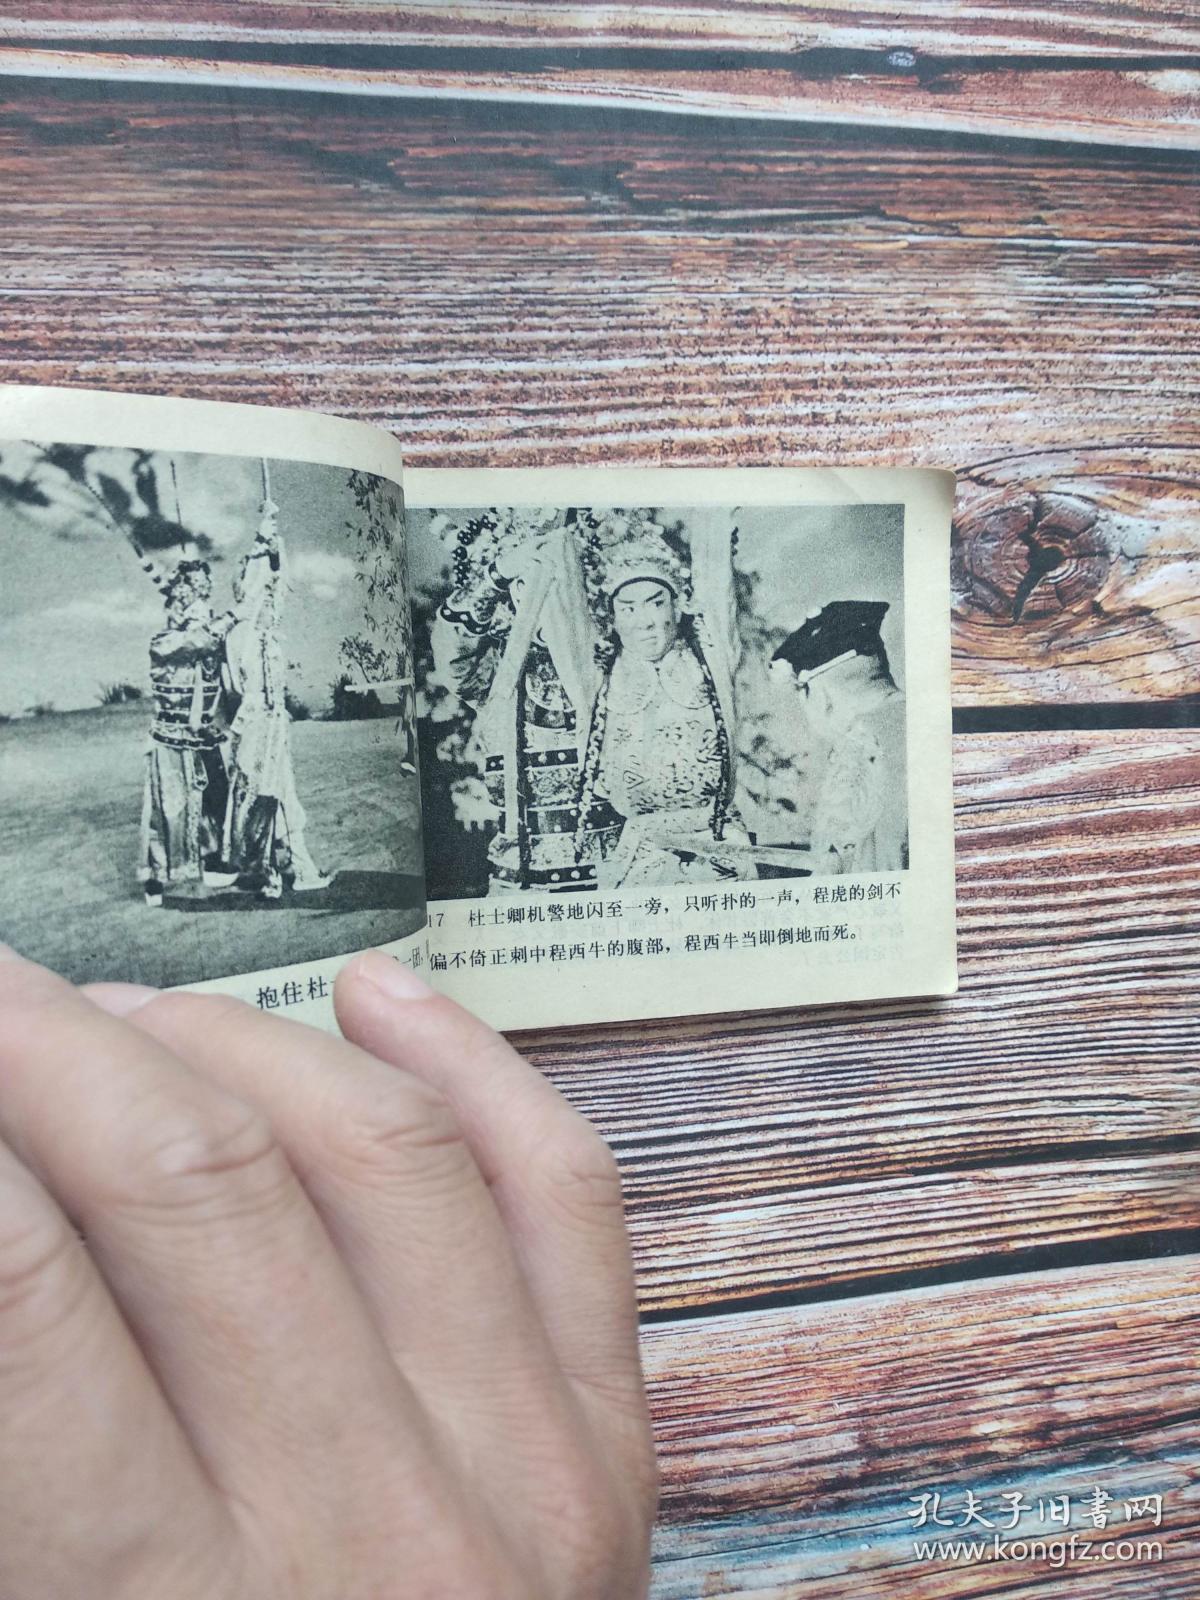 七品芝麻官连环画武汉钓小地点龙虾图片